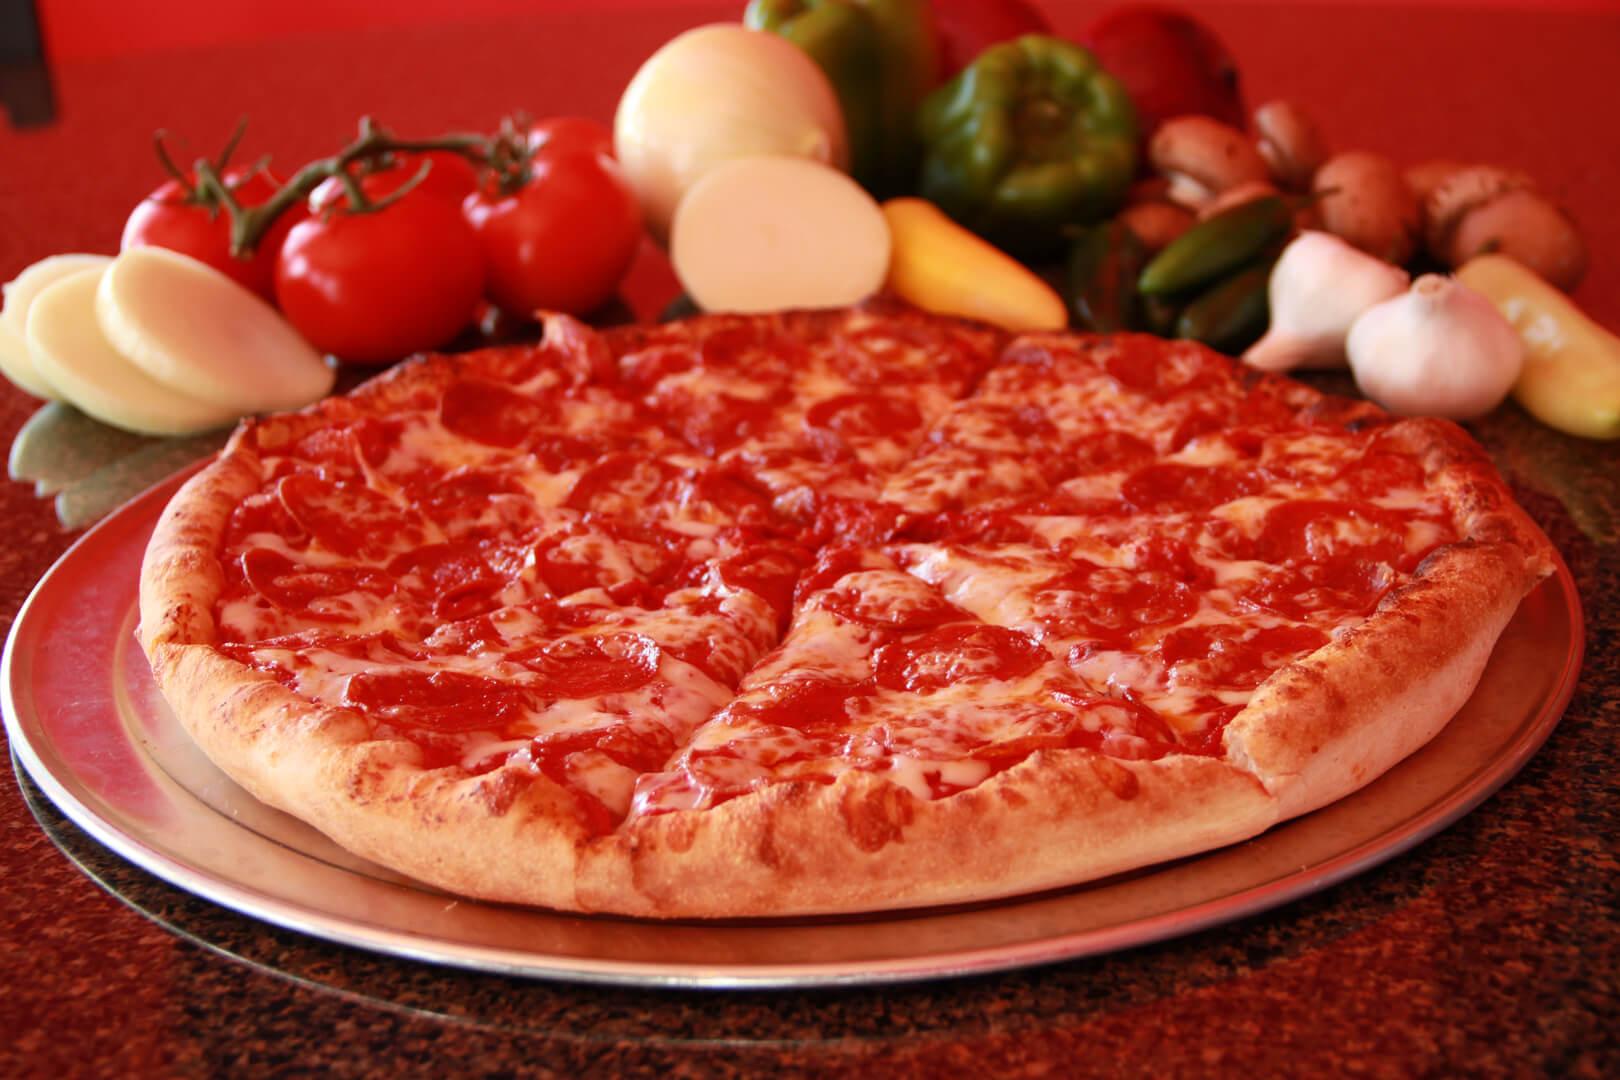 Lances Pizza & Subs